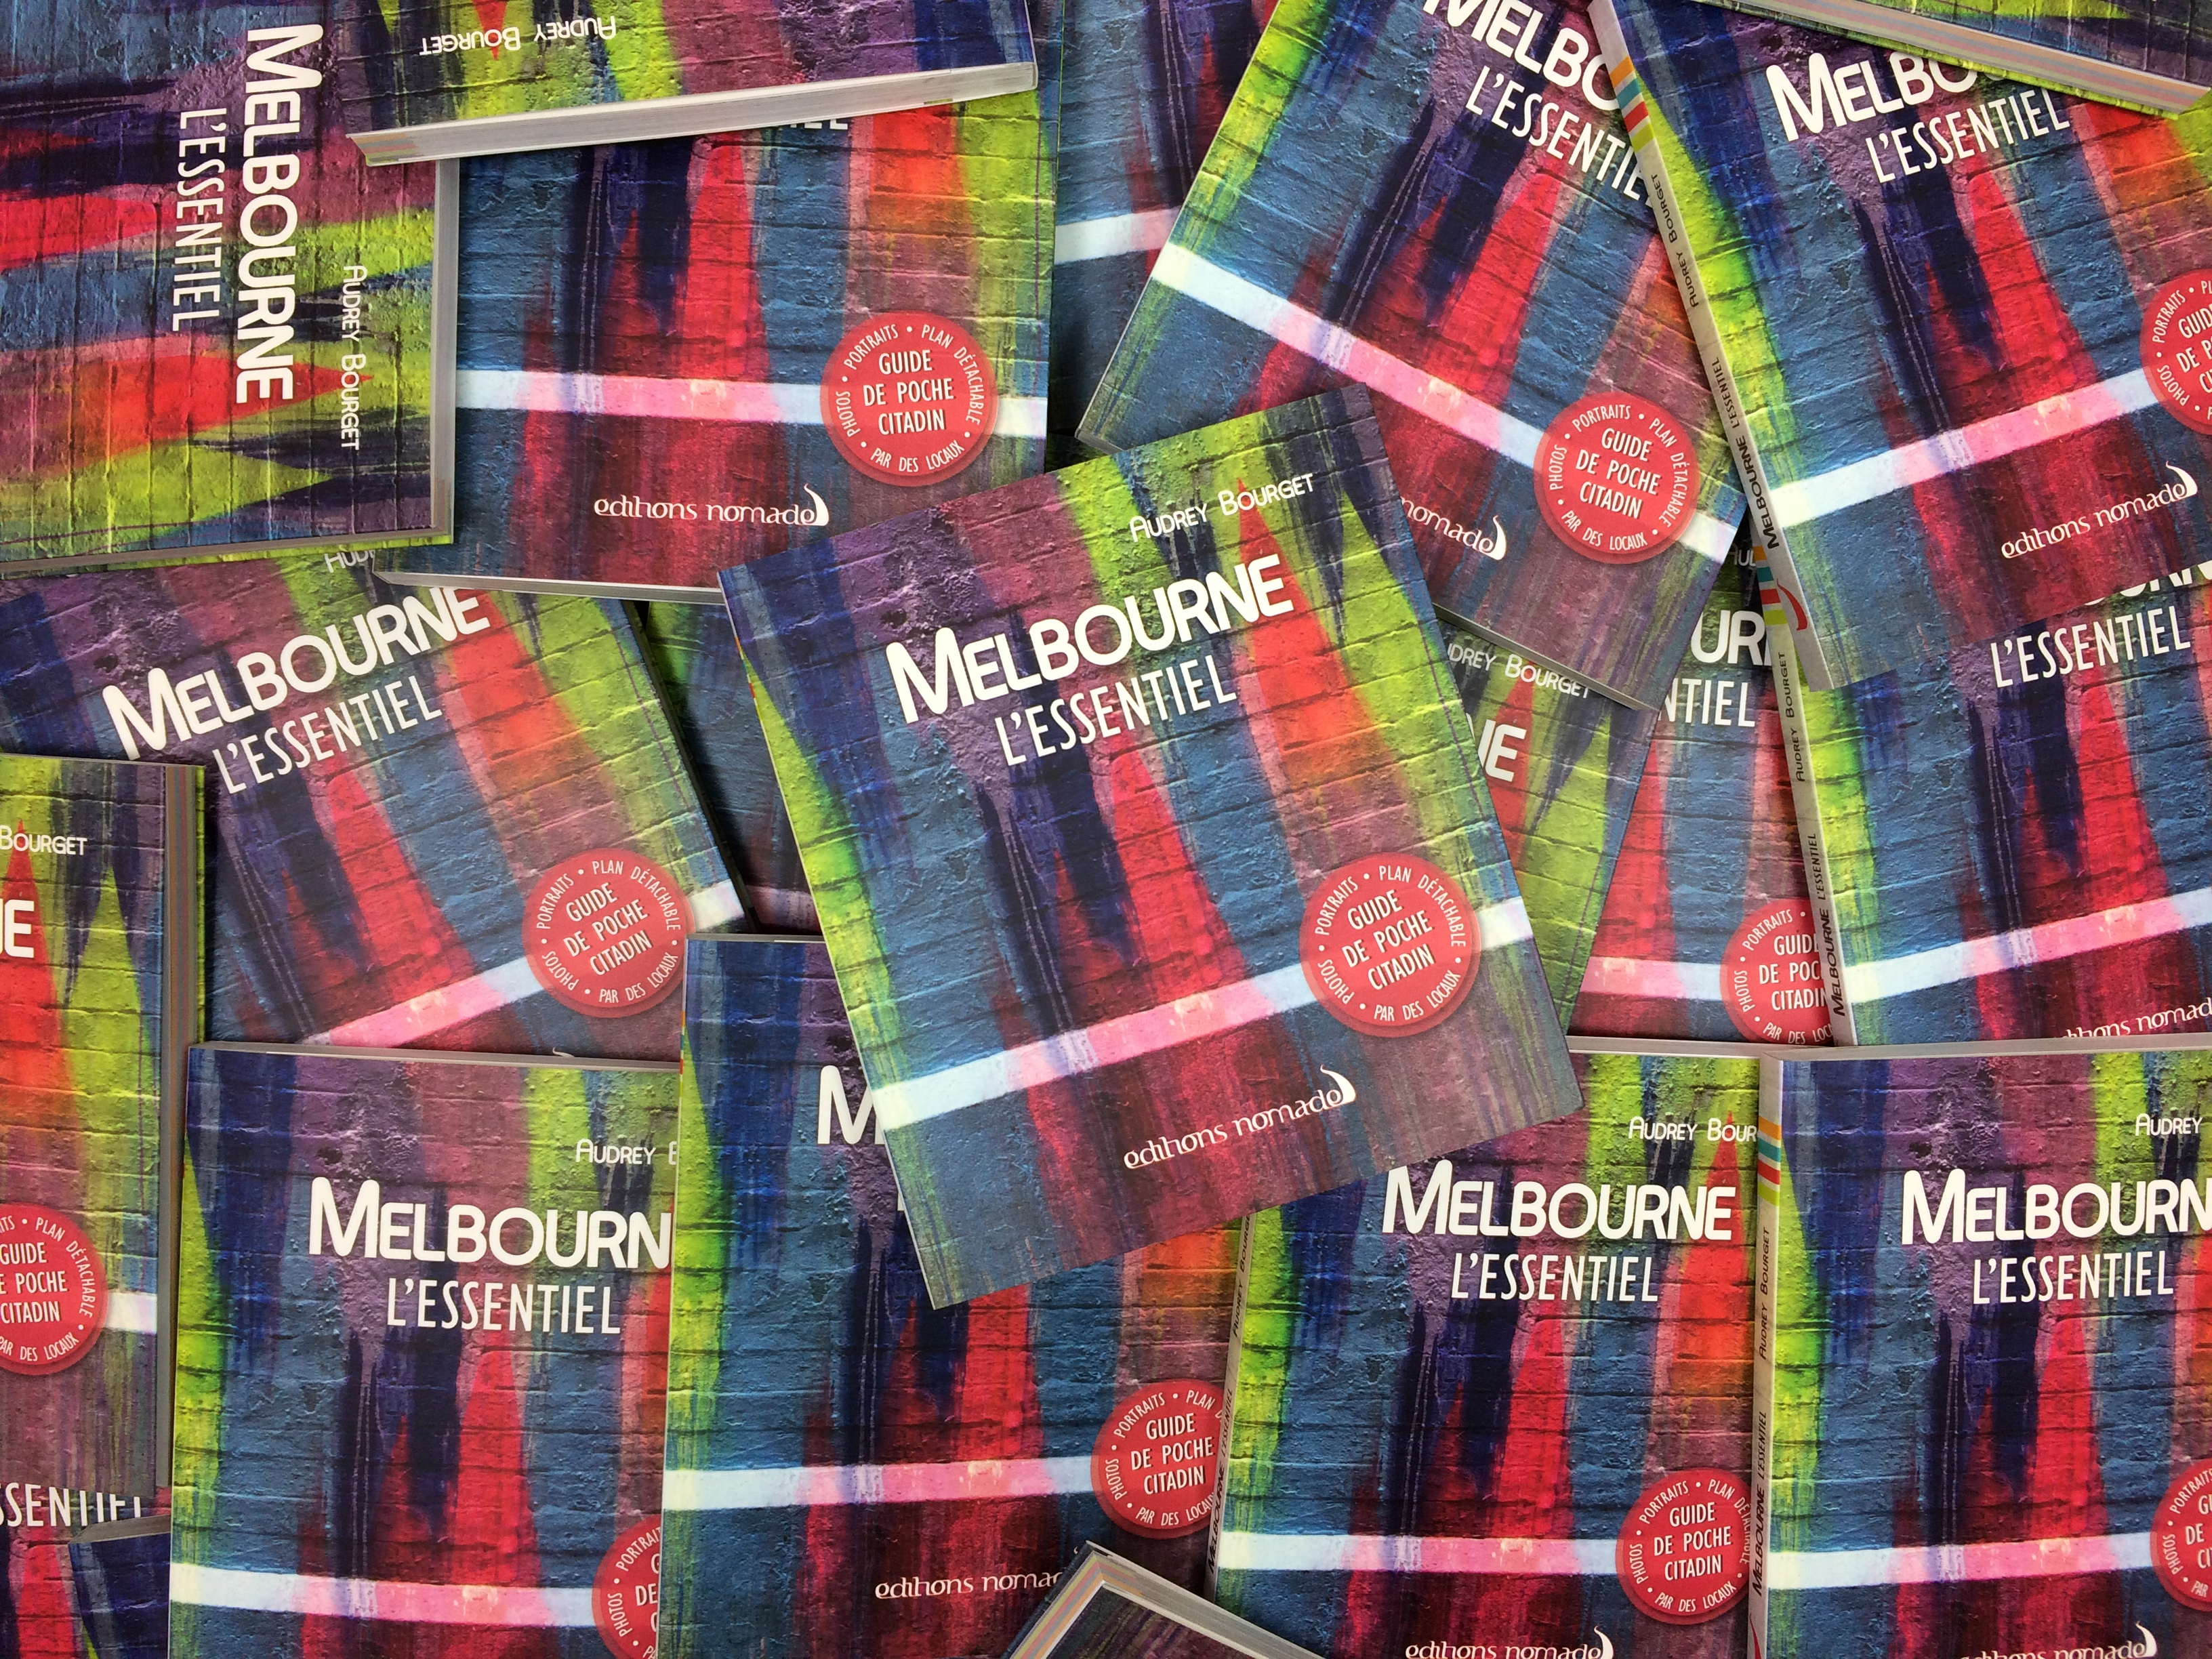 Sortie du guide Melbourne l'essentiel par Chapka et les Éditions Nomades